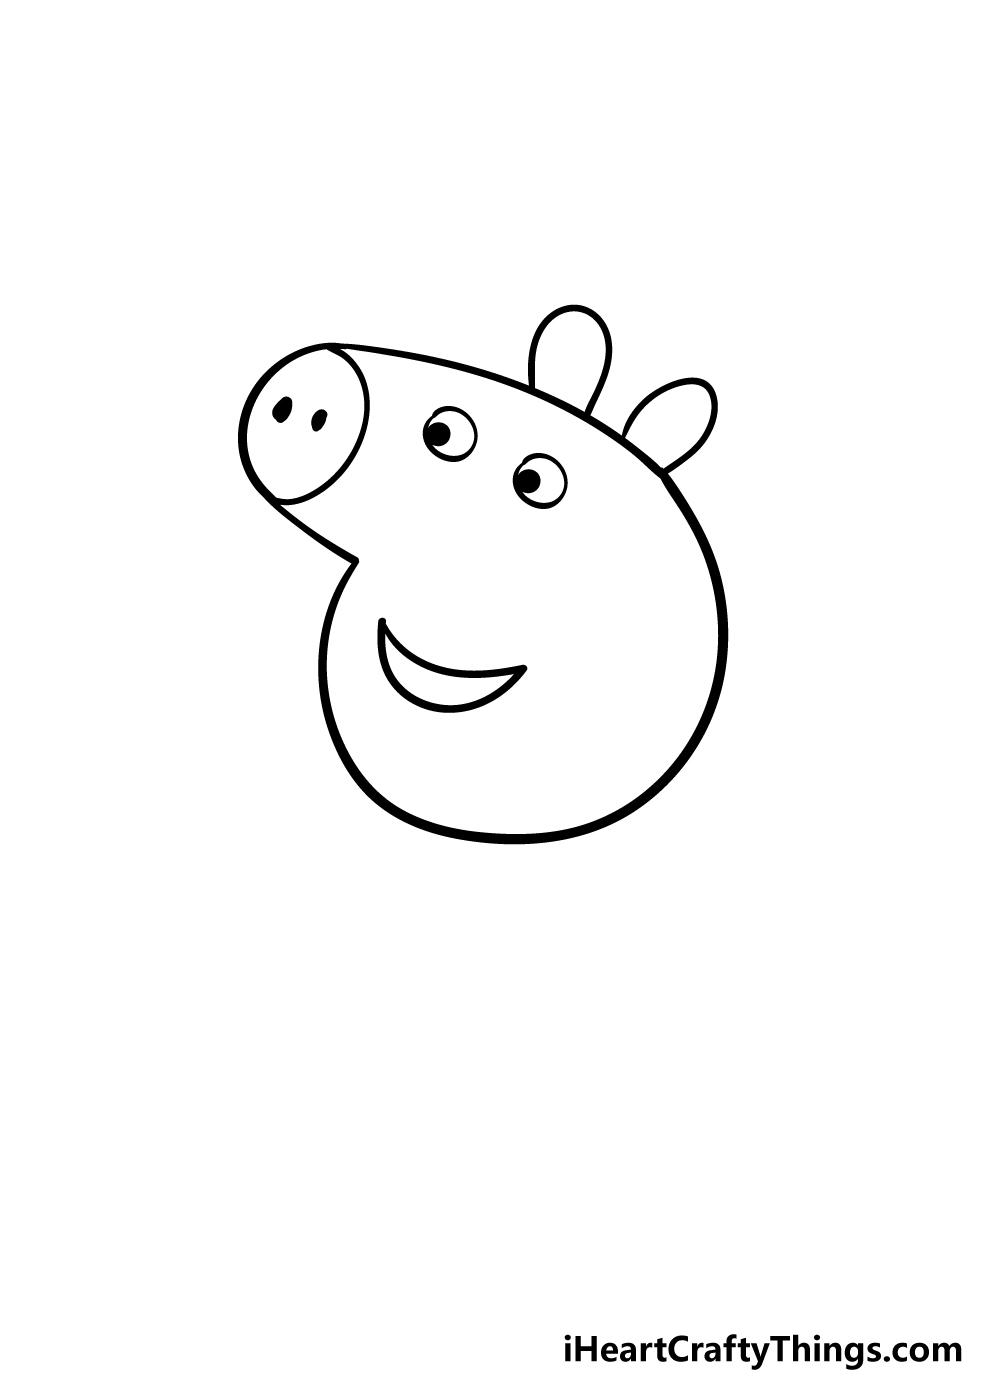 peppa pig drawing step 3